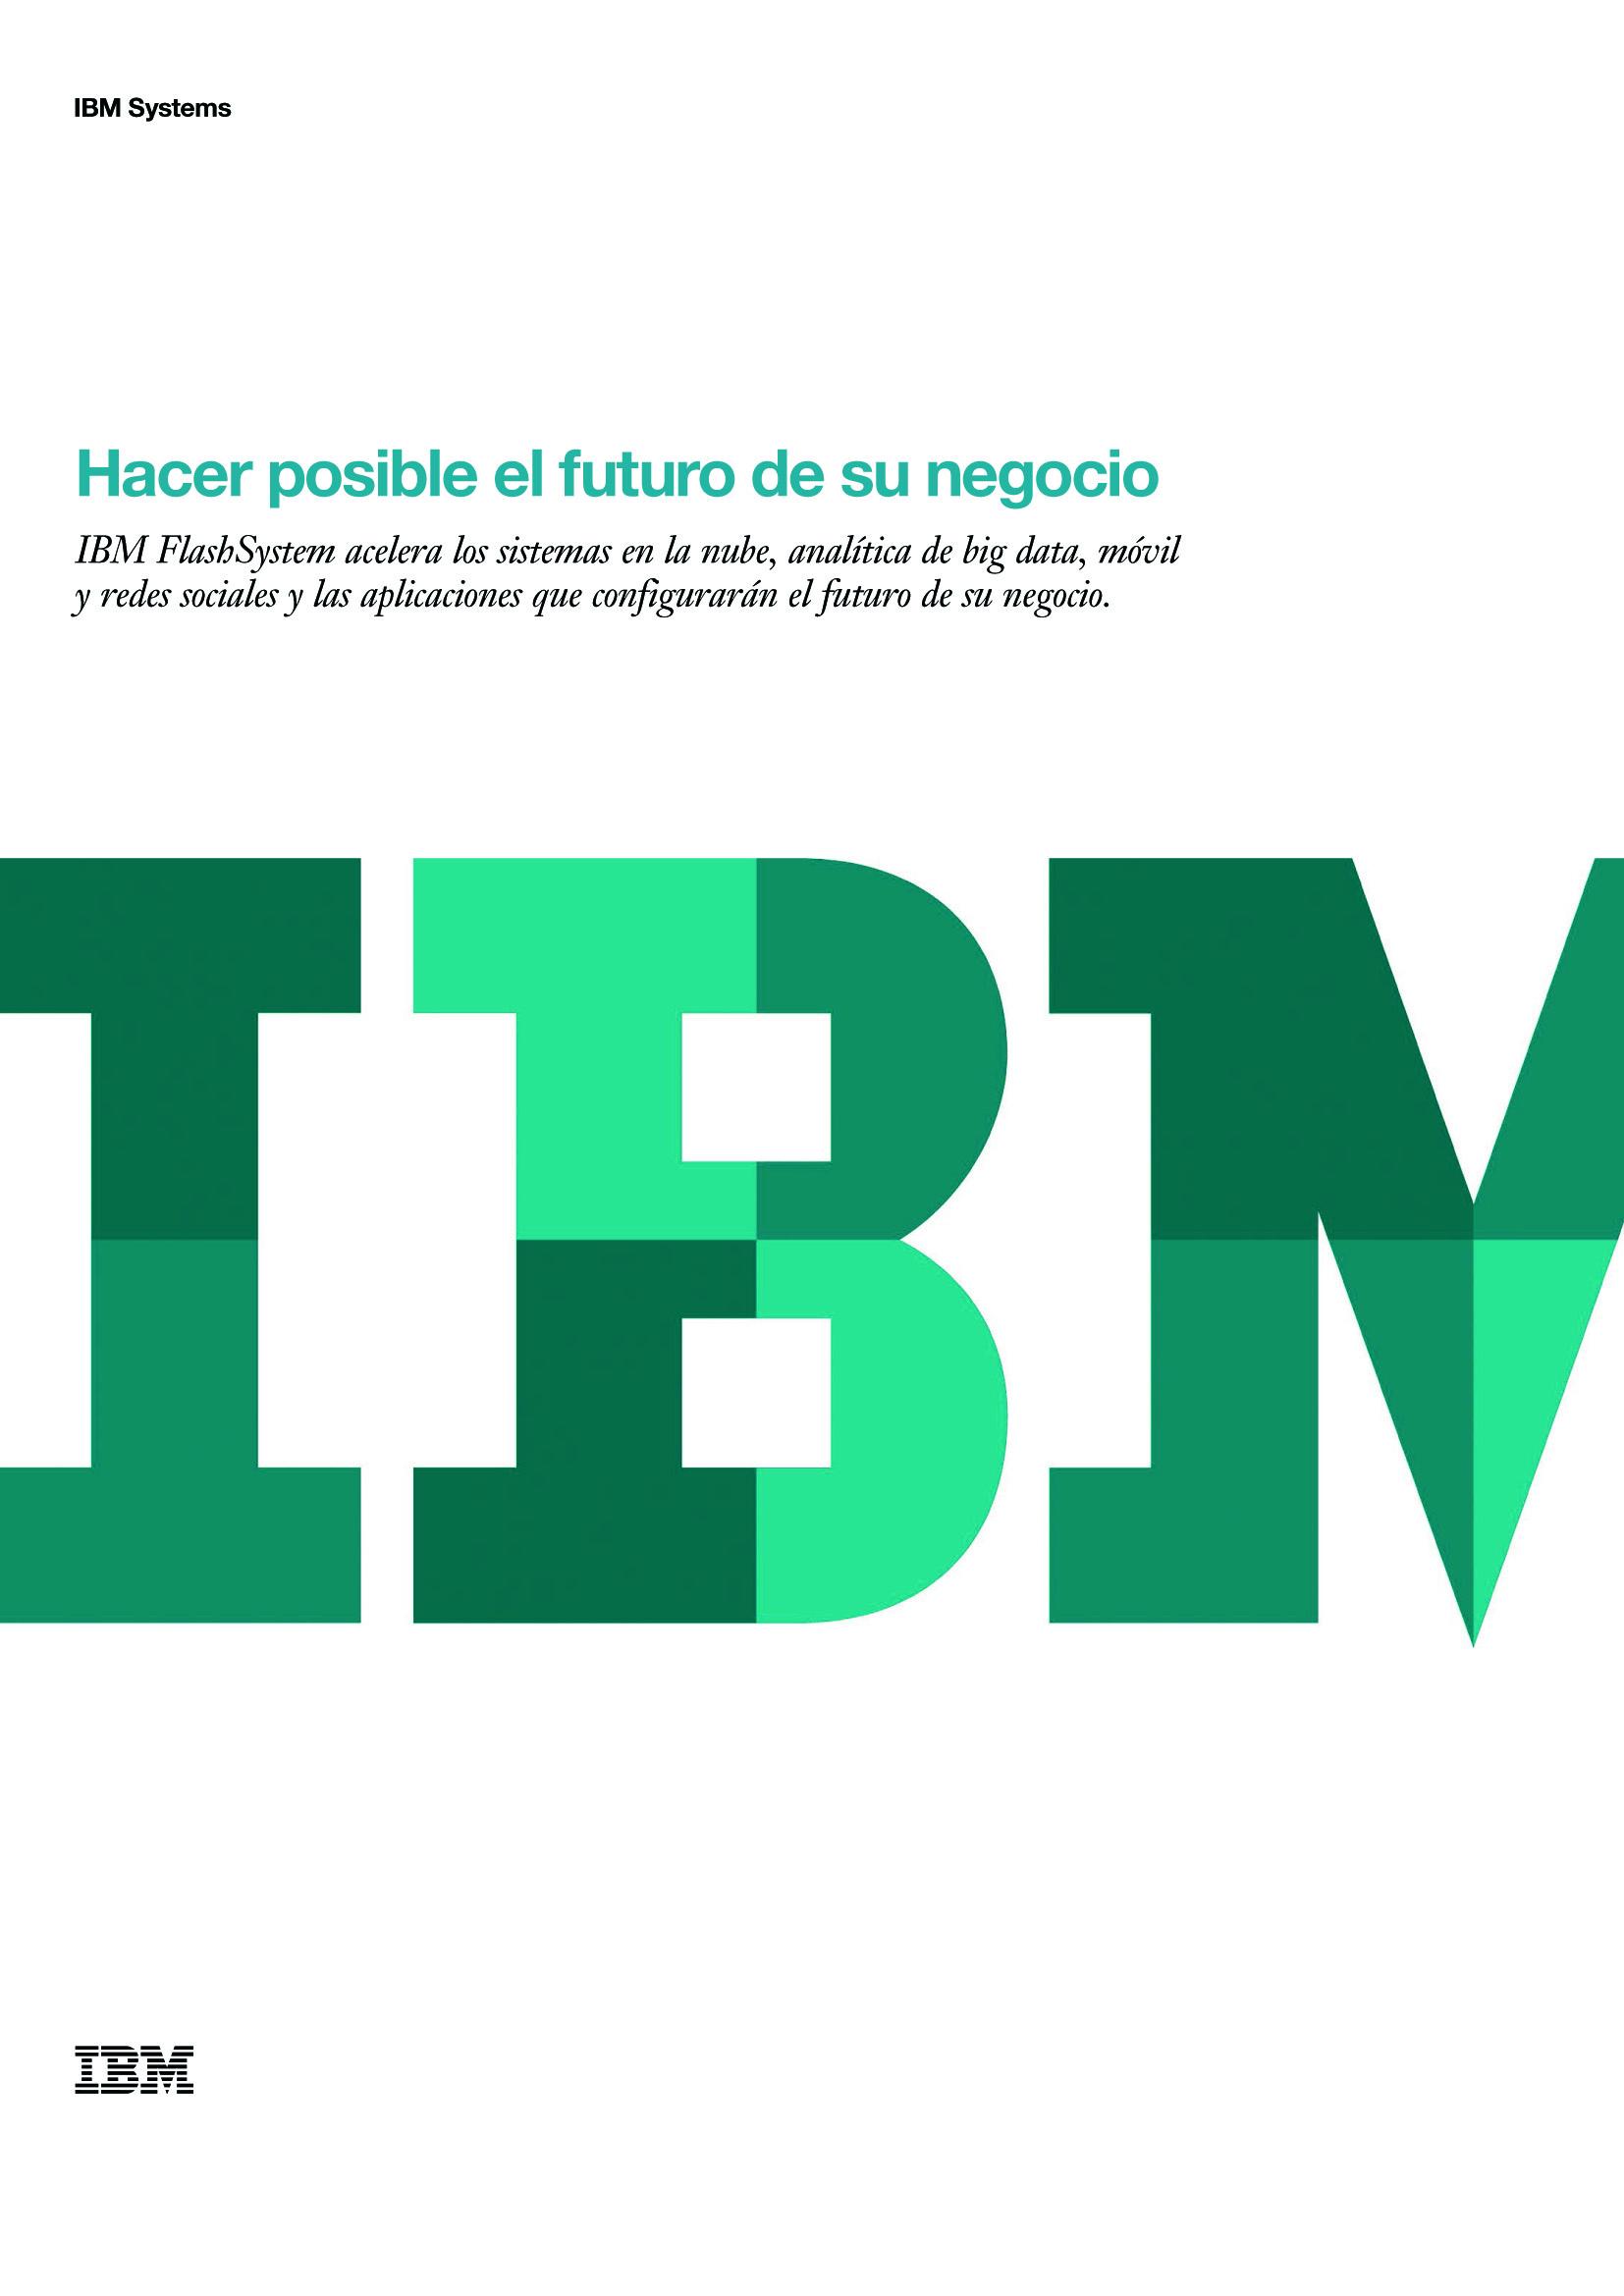 IBM Systems: Permitiendo el futuro de su negocio